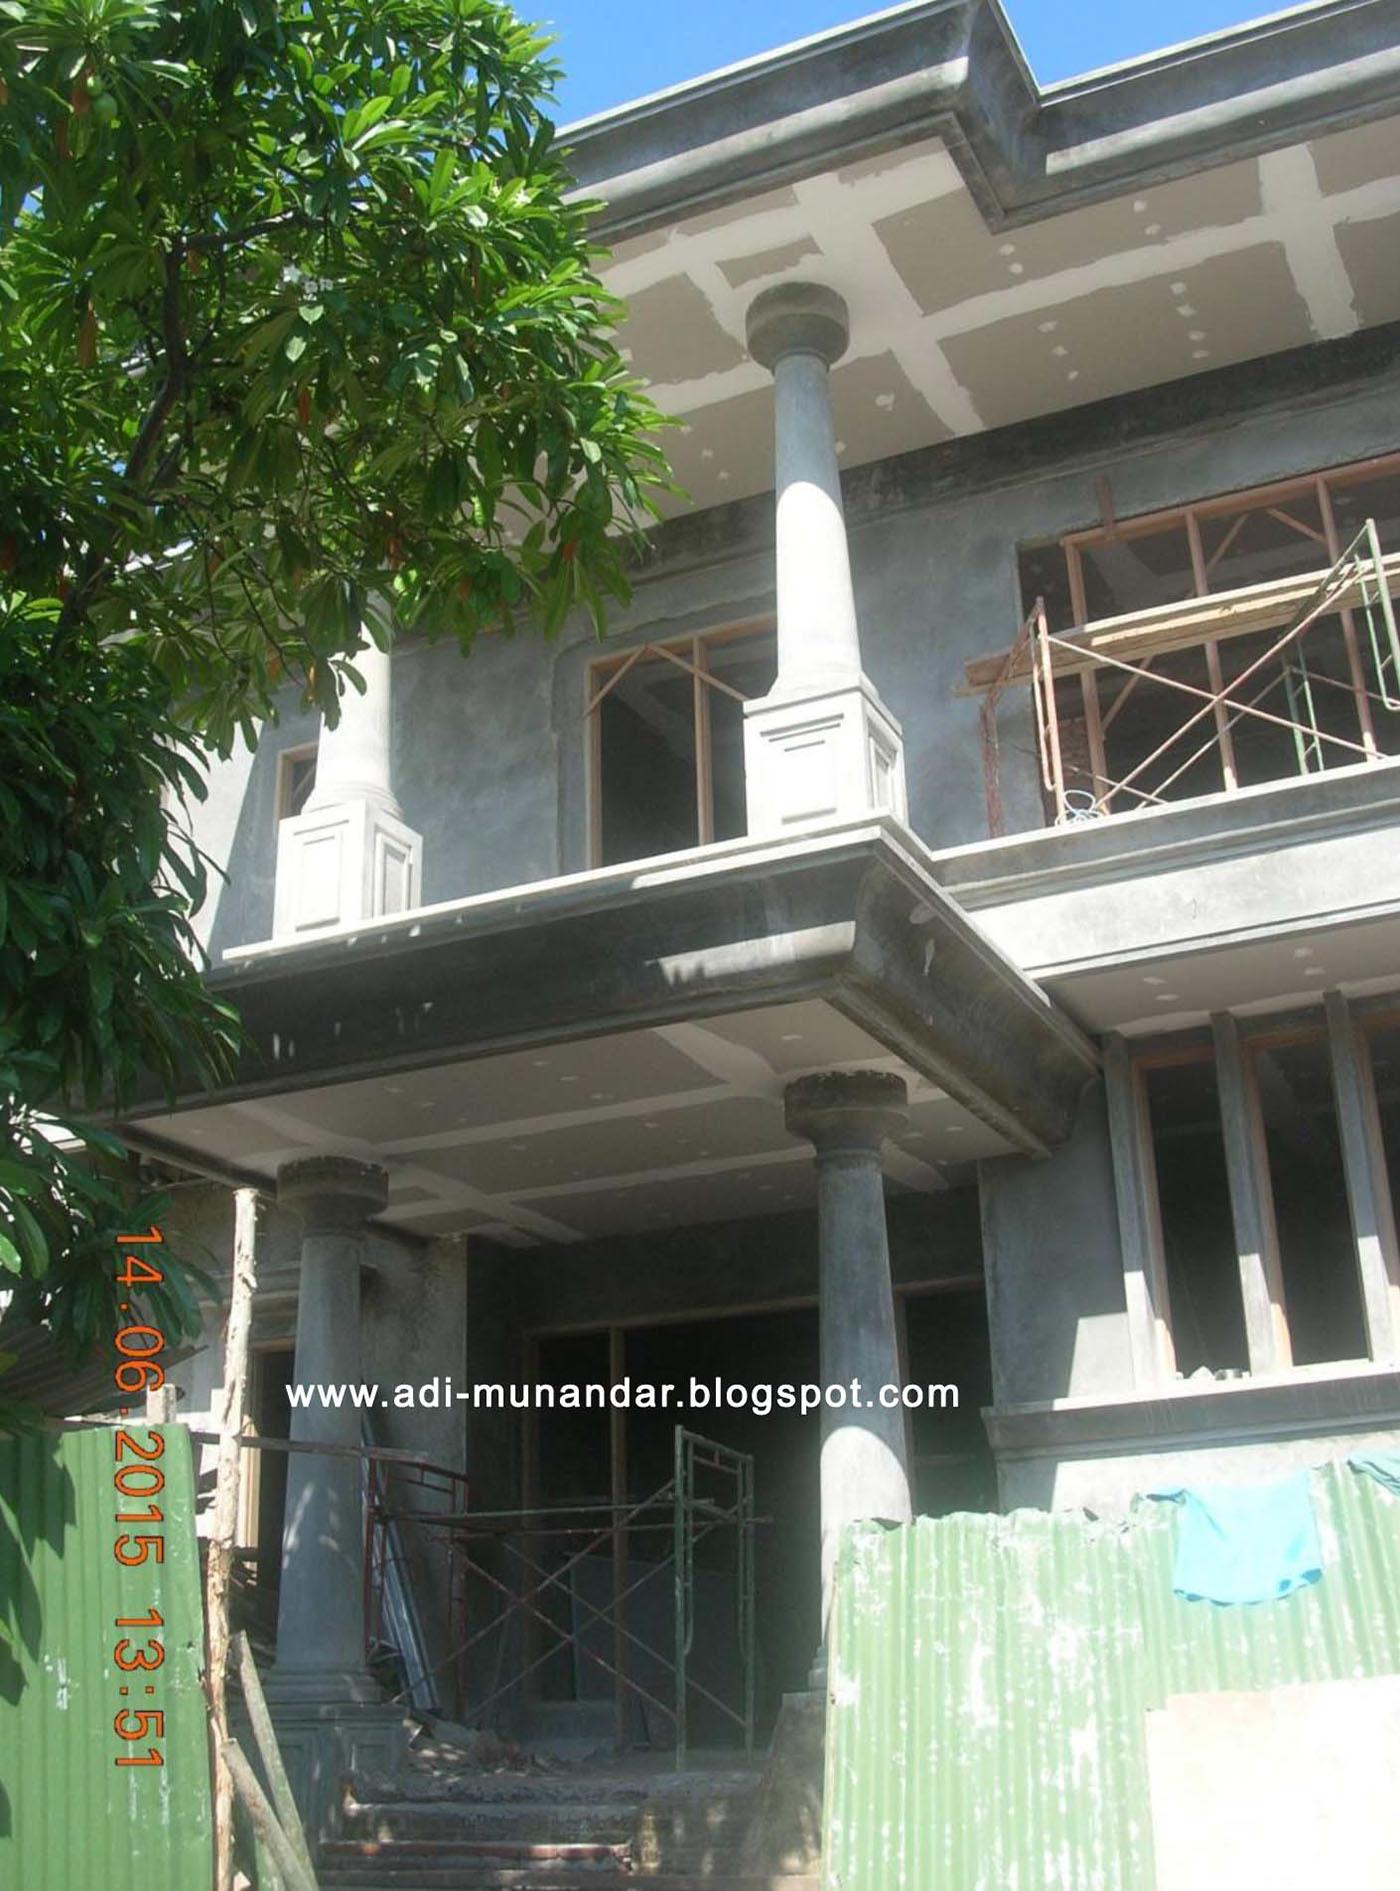 desain rumah arsitektur klasik graha family-rumah klasik moderen-adi arsitek-arsitek surabaya-arsitek jakarta-arsitek bali-rumah bule5